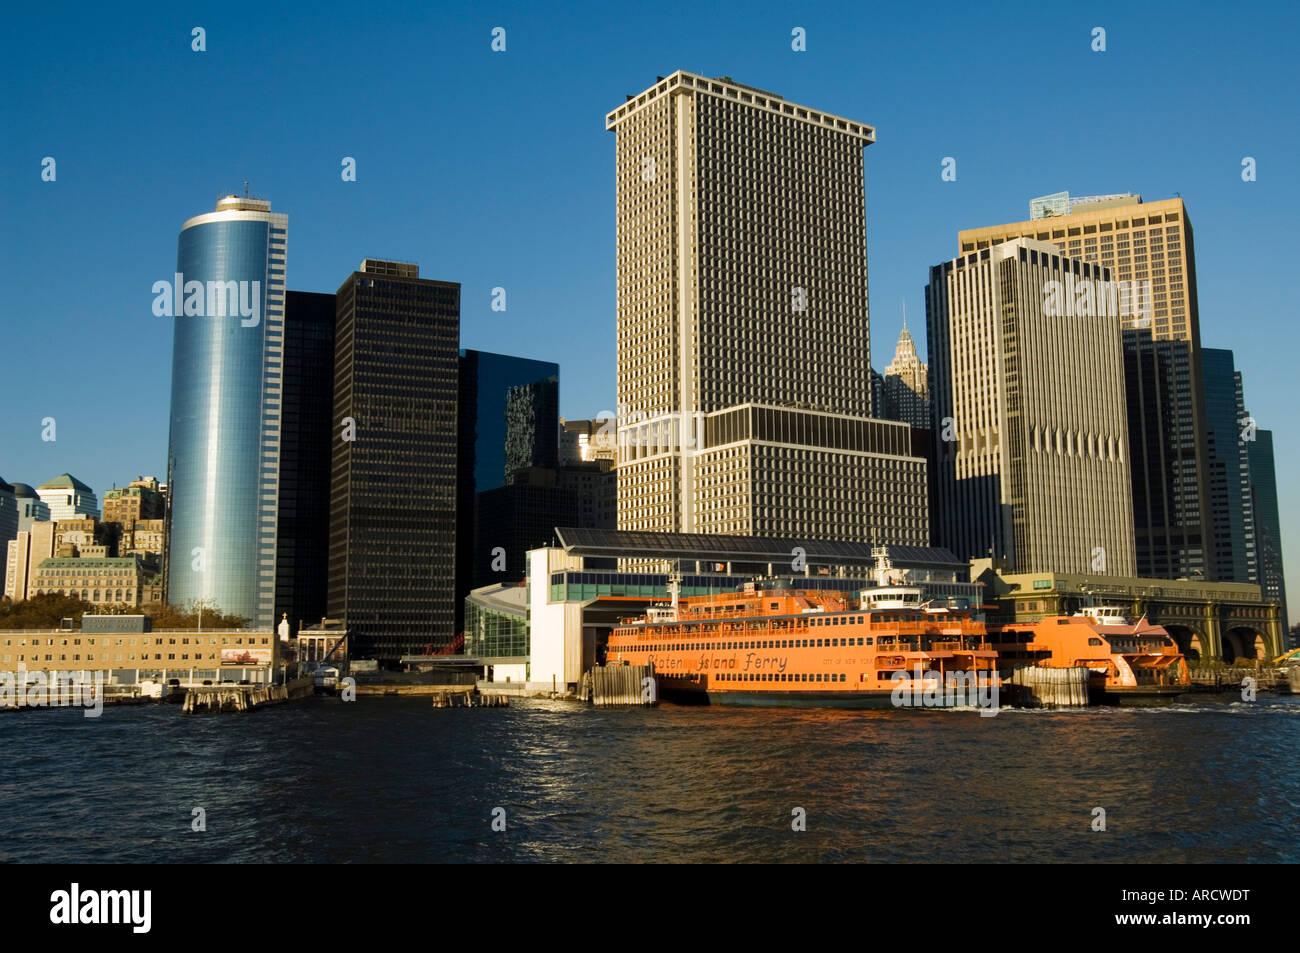 Staten Island Ferry, el distrito de negocios, el Lower Manhattan, Ciudad de Nueva York, Nueva York, Estados Unidos Imagen De Stock